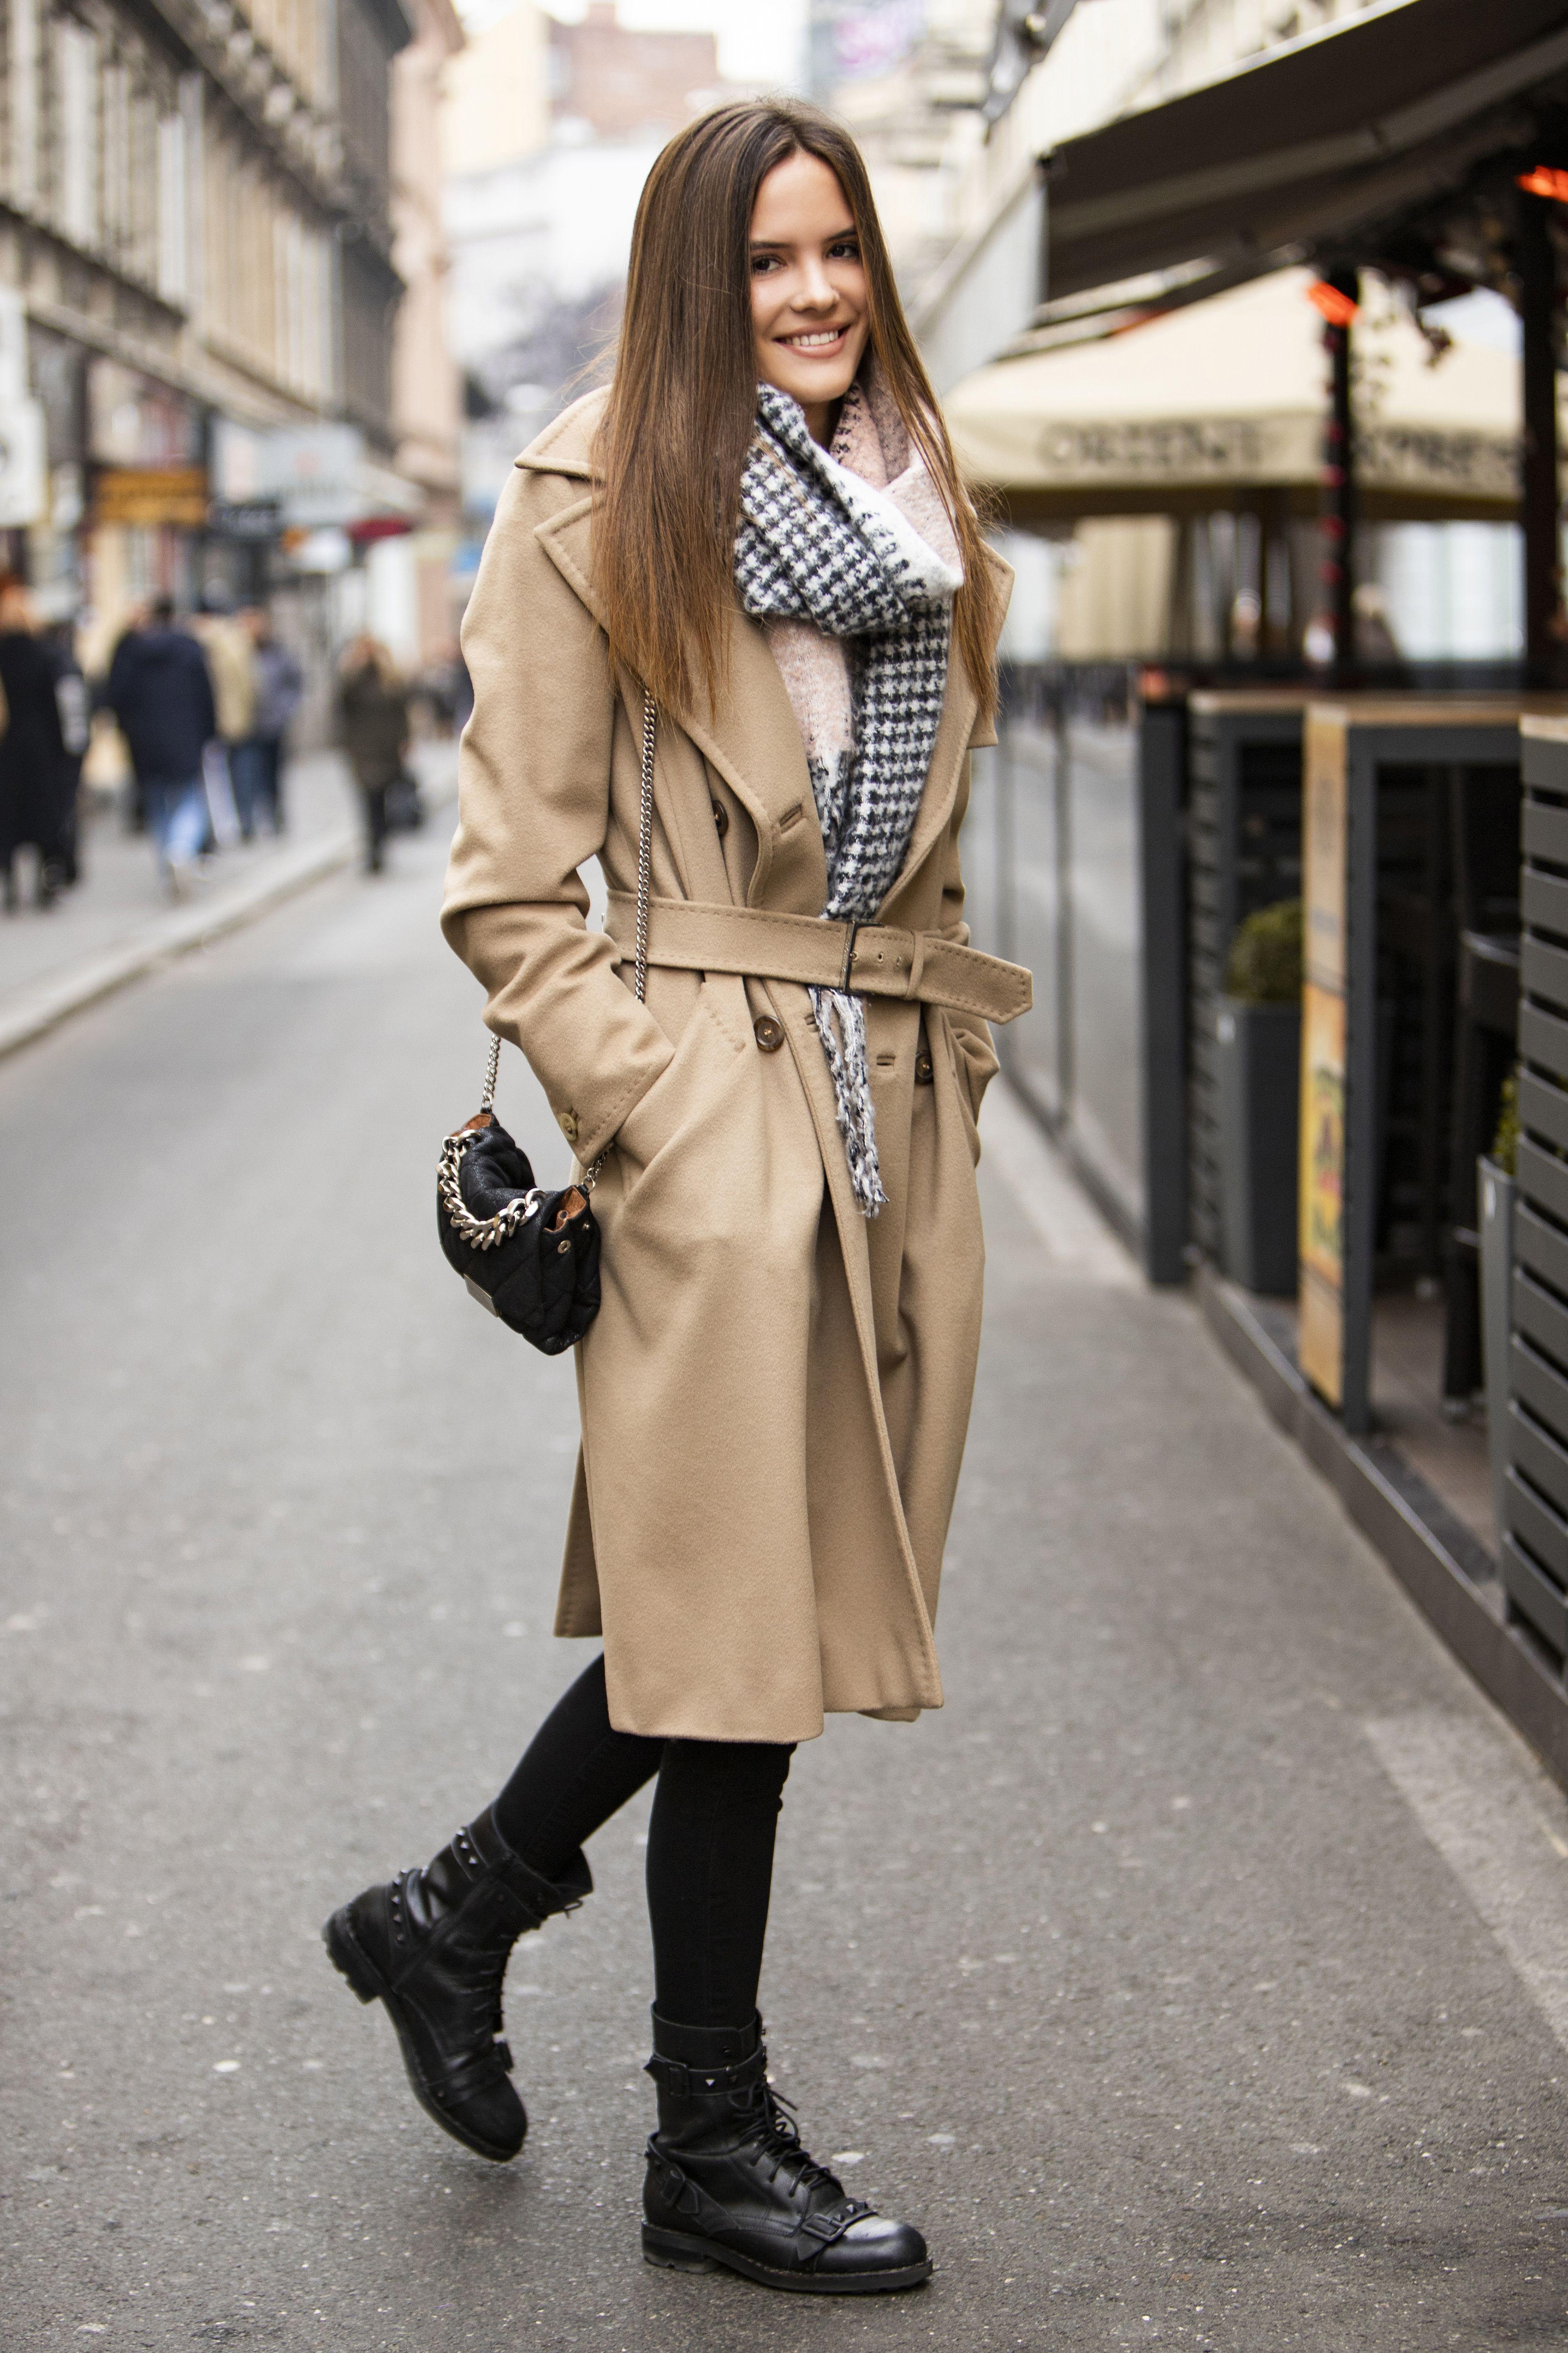 """Lijepa dama sa špice: """"Nikad ne bih nosila tajice, chokere, poštarke kapice, ni beretke"""""""